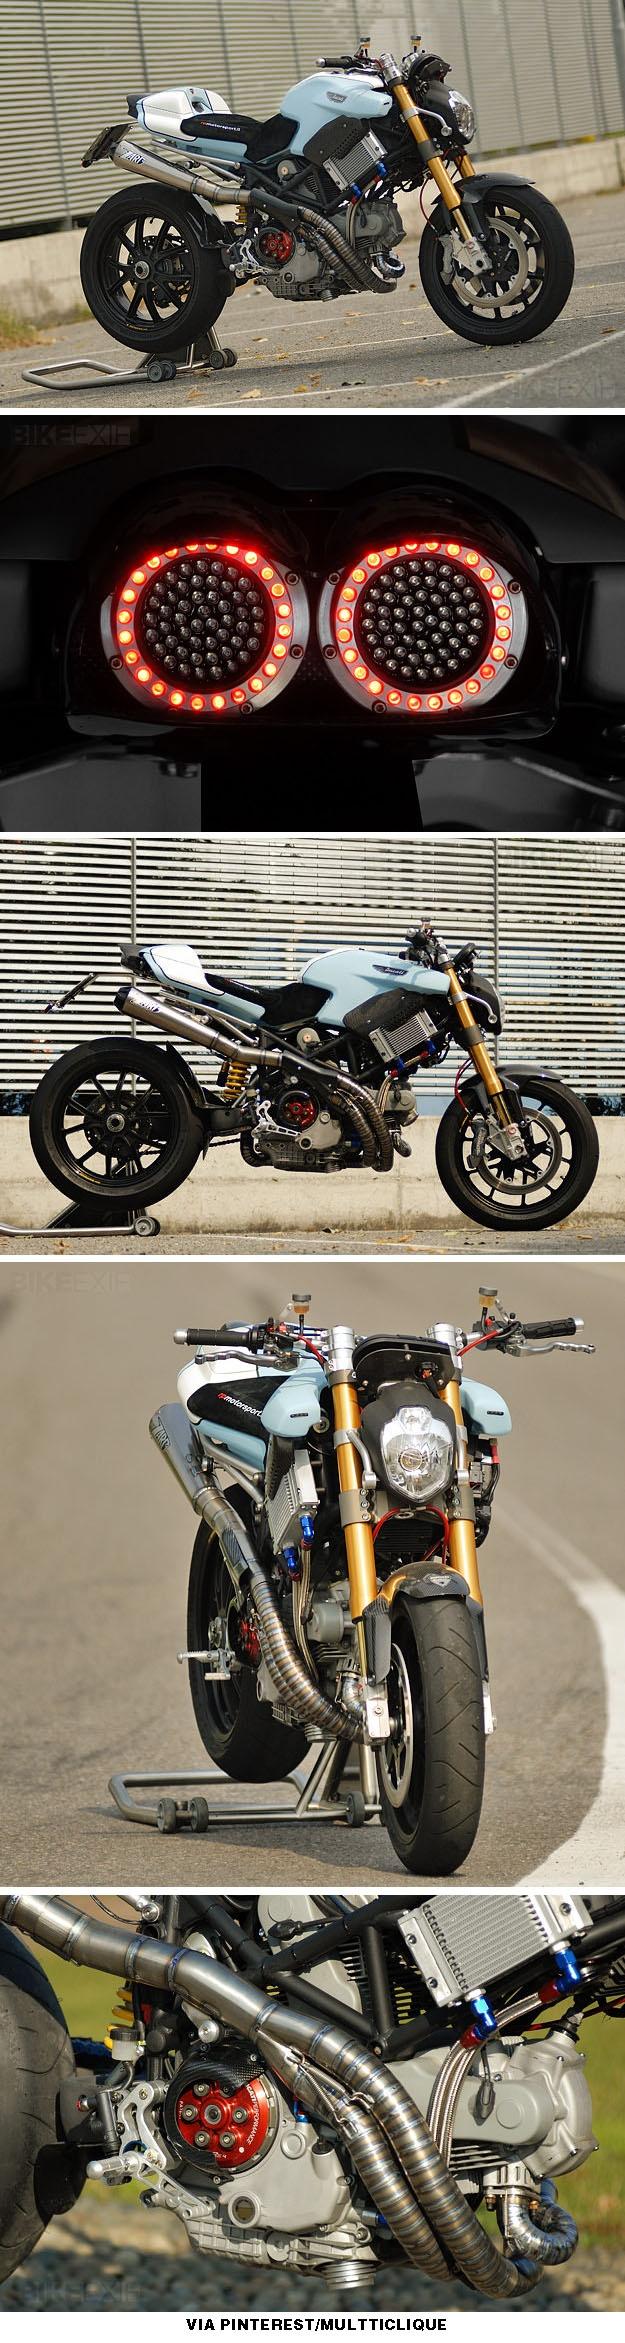 Ducati Multistrada 1000DS 2003